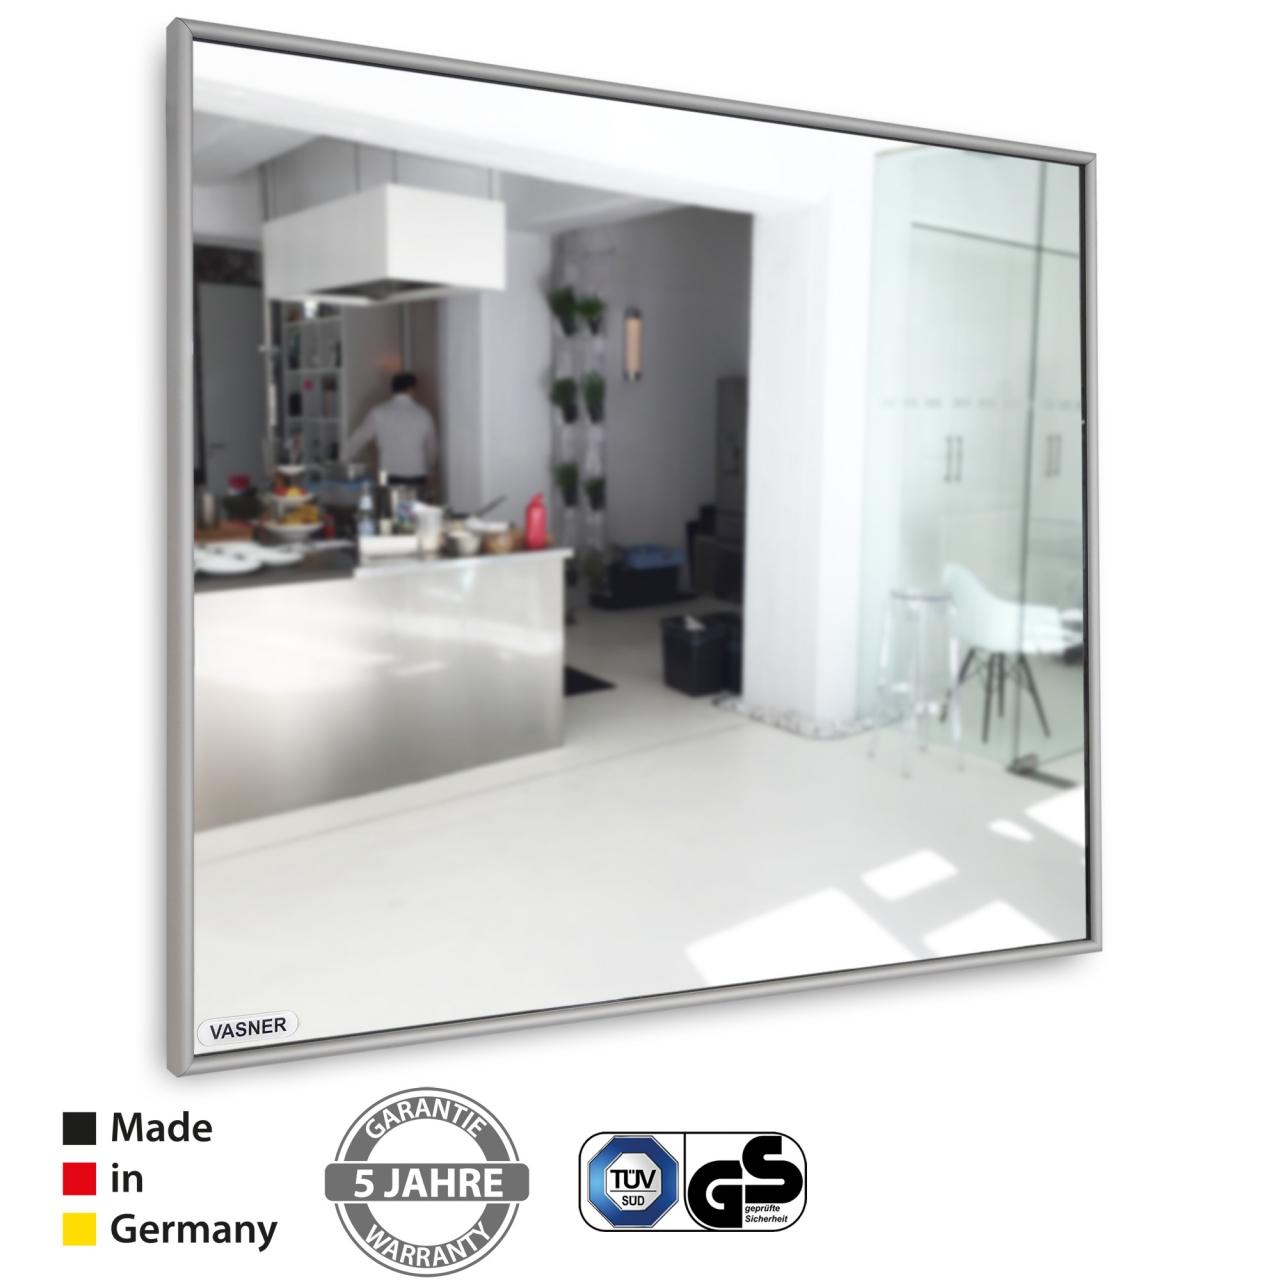 Spiegelhöhe Bad vasner zipris infrarotheizung spiegel hohe effizienz tüv